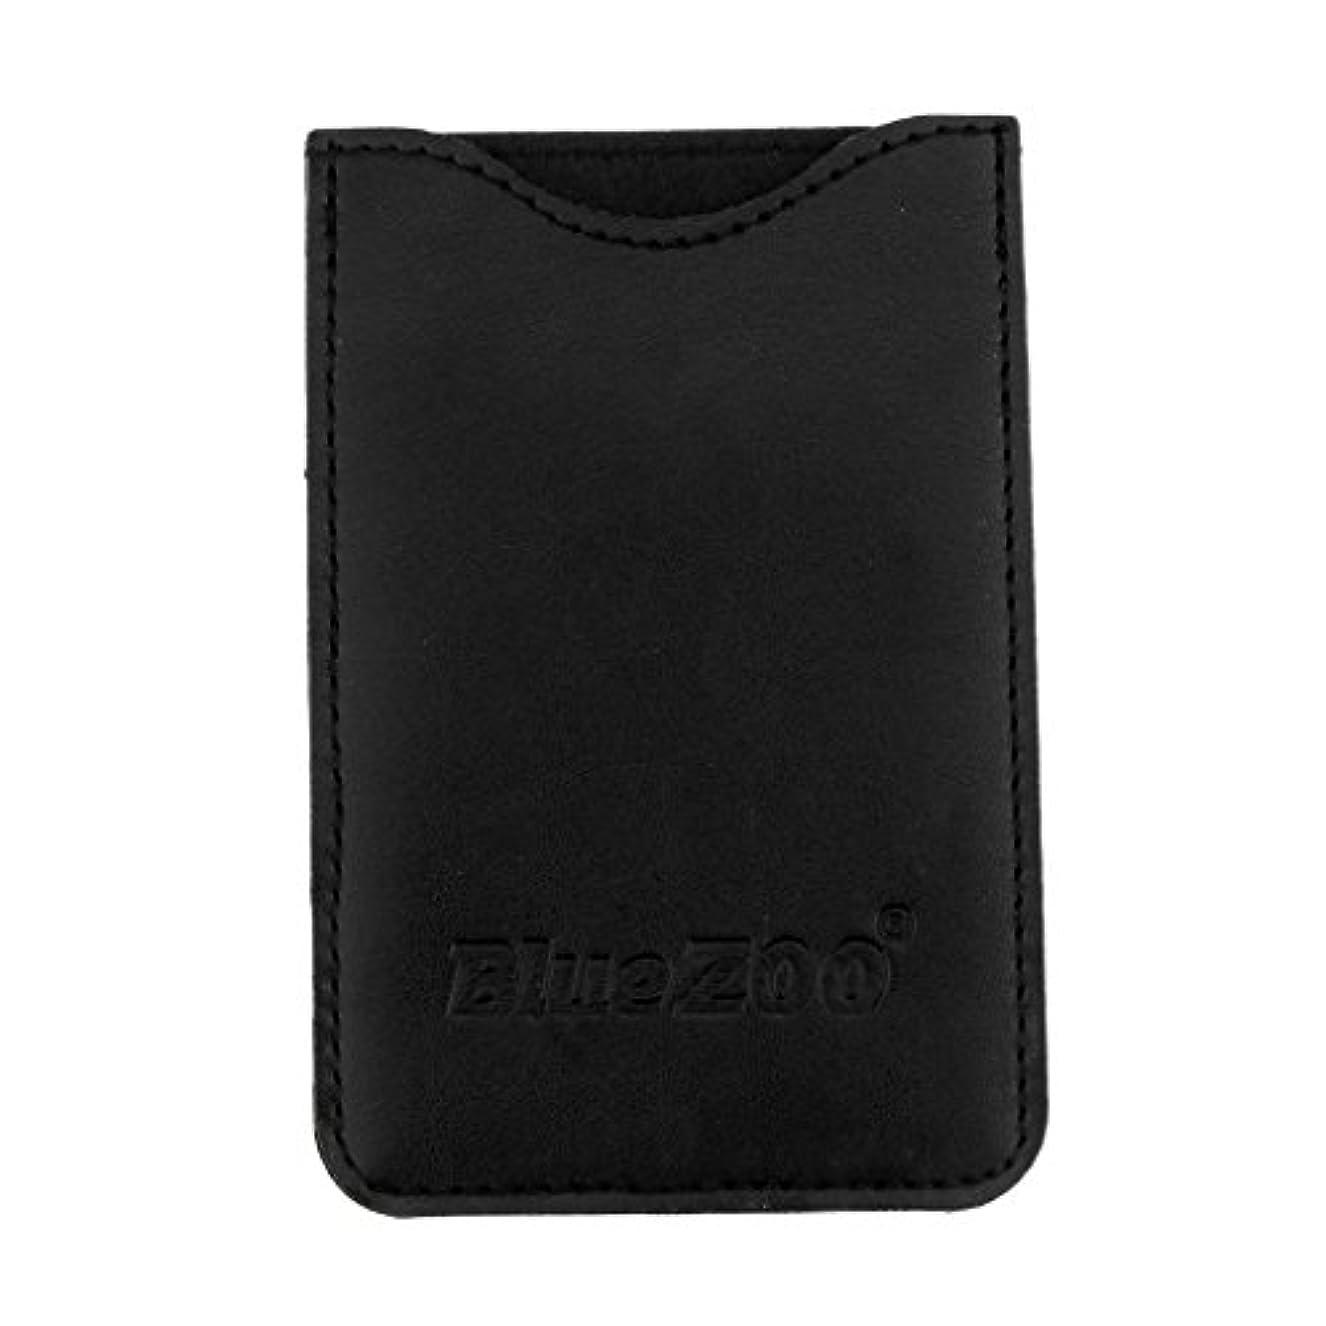 ちらつきバラバラにする魅力的Toygogo PUレザー ポケット コームバッグ 櫛バッグ 収納パック 保護カバー 柔らかい 全2色 - ブラック